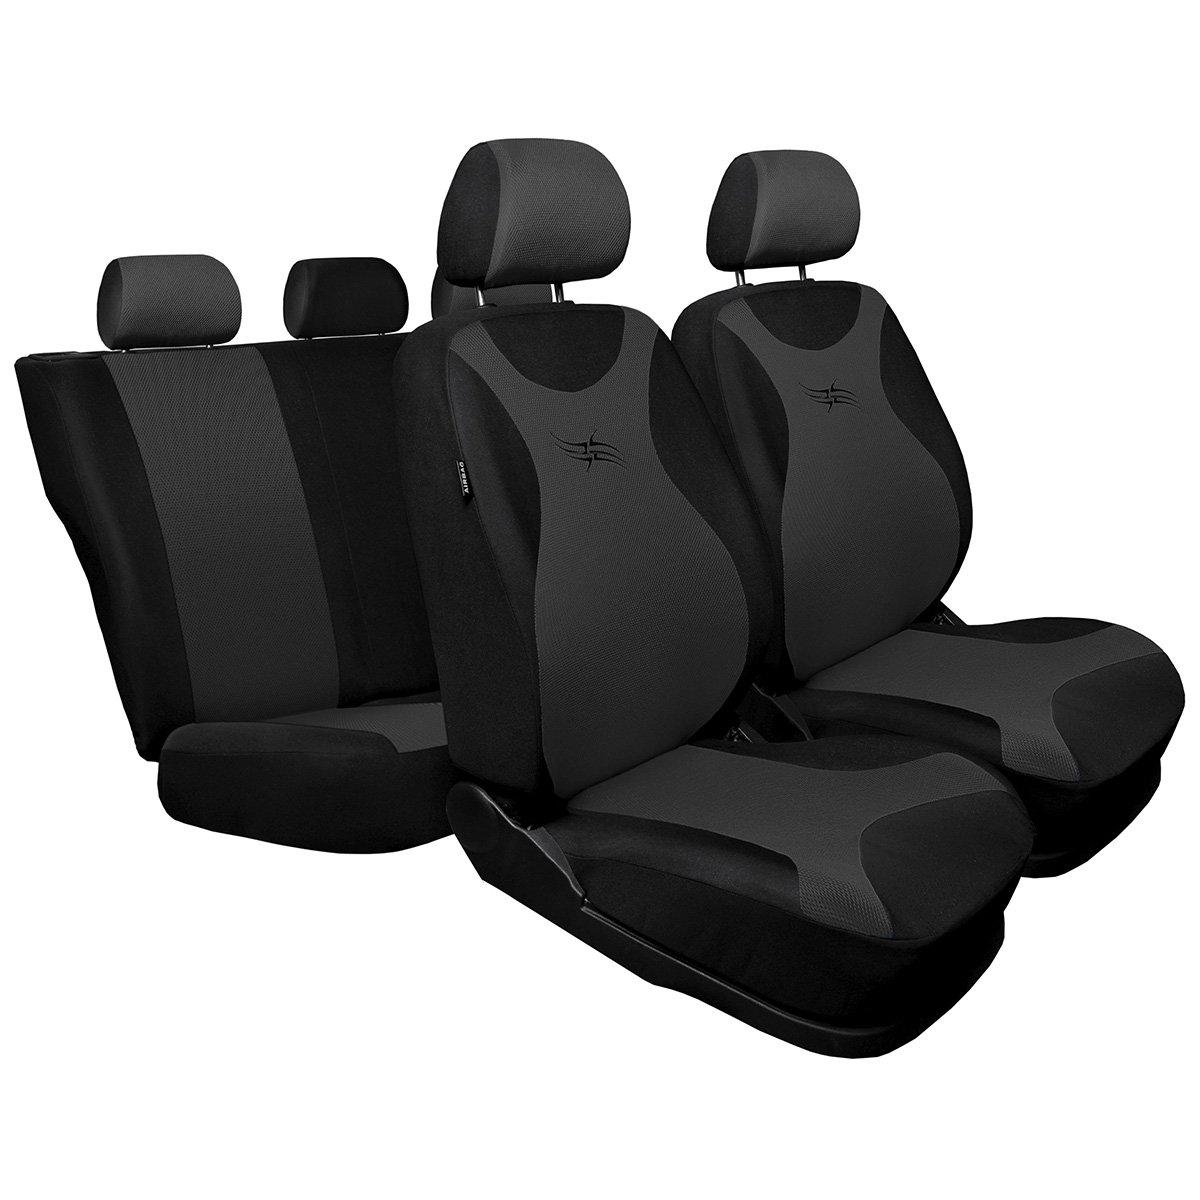 TR-G1 Universale Set coprisedili auto compatibile Mossa